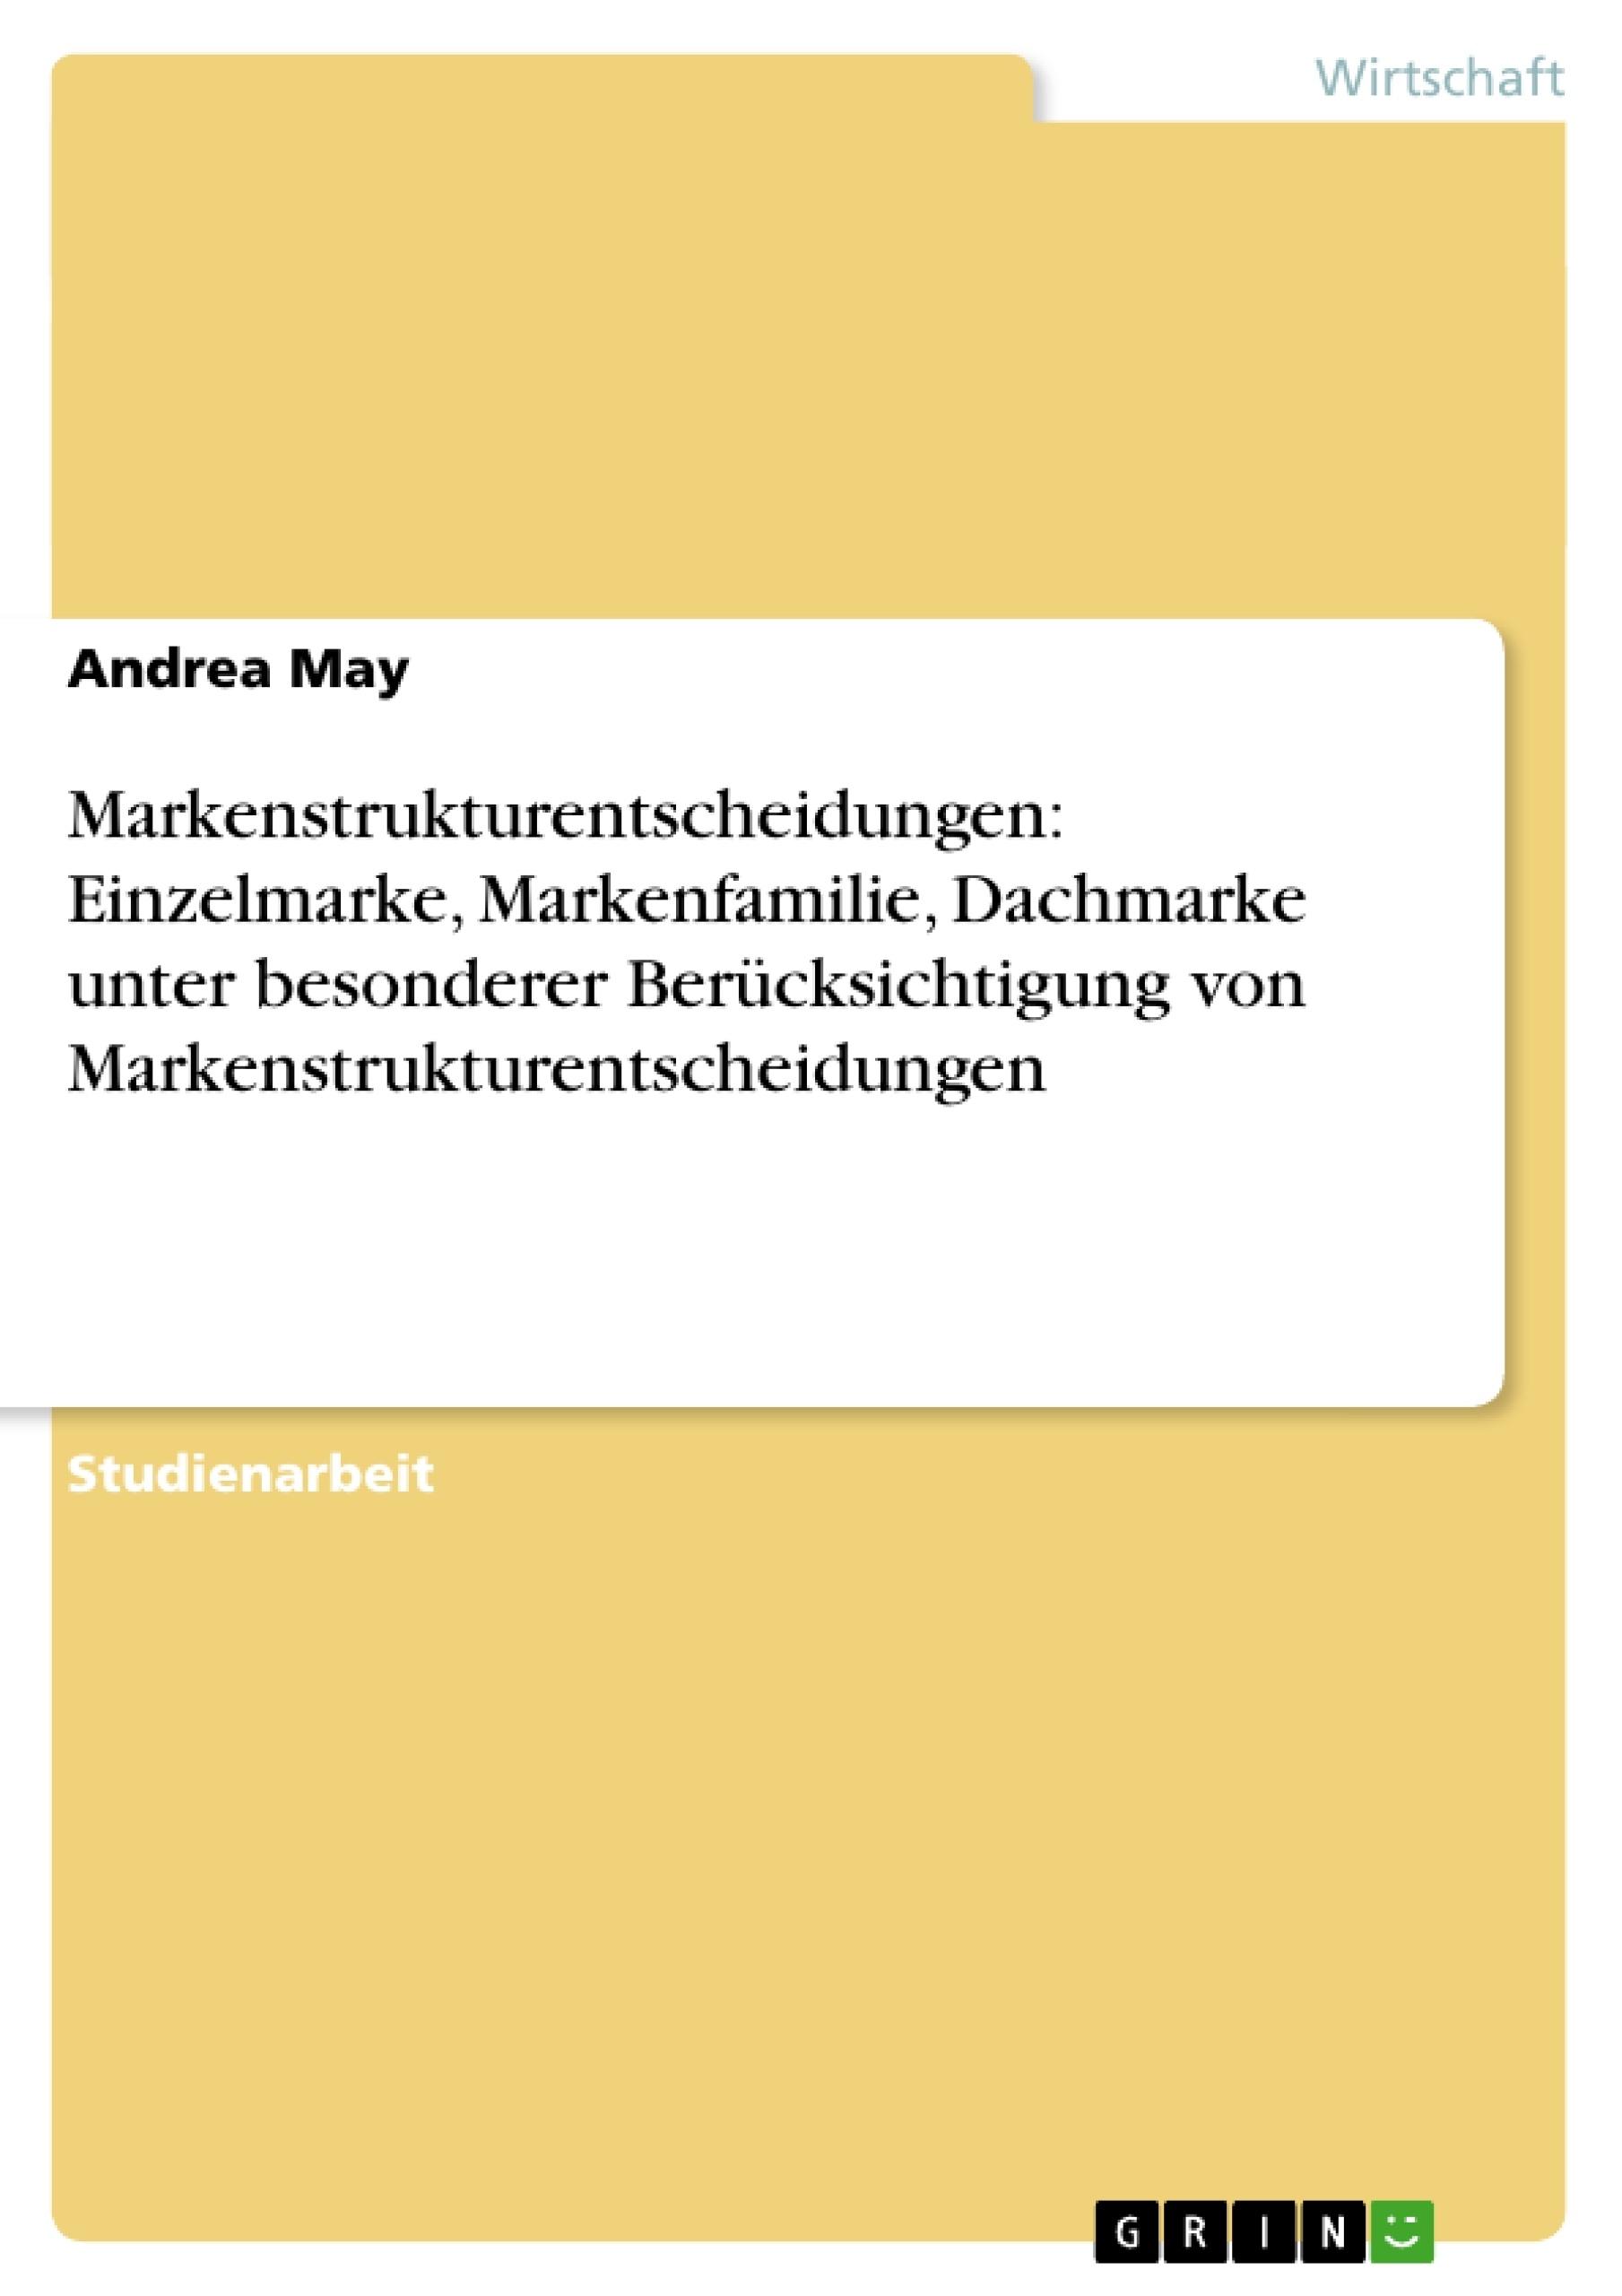 Titel: Markenstrukturentscheidungen: Einzelmarke, Markenfamilie, Dachmarke unter besonderer Berücksichtigung von Markenstrukturentscheidungen